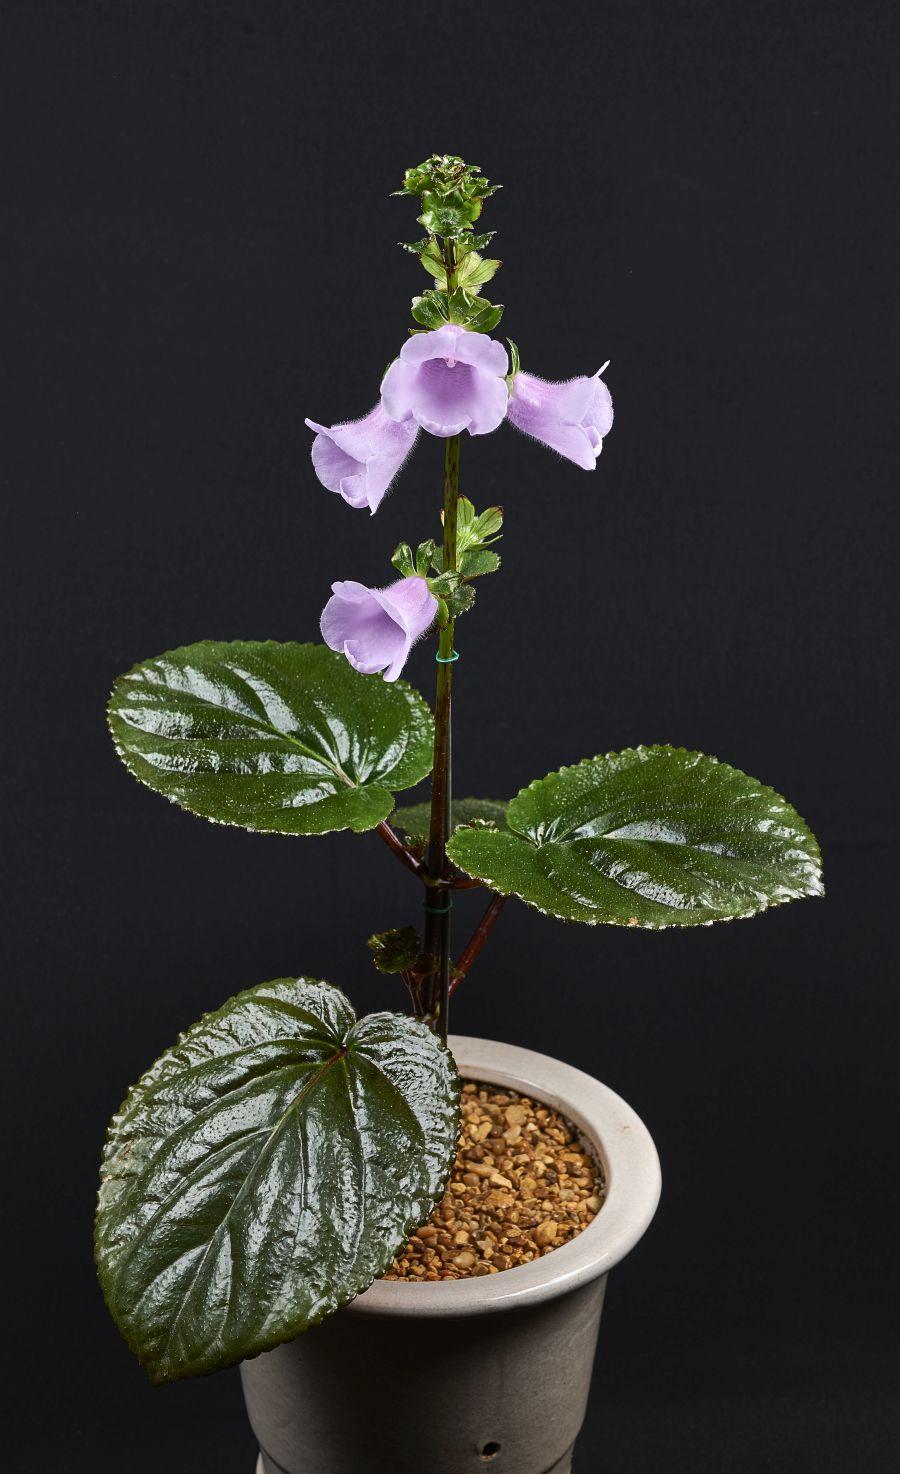 2016 Convention<br>New World Gesneriads in Flower – Rhizomatous<br>Class 13A Other rhizomatous gesneriads